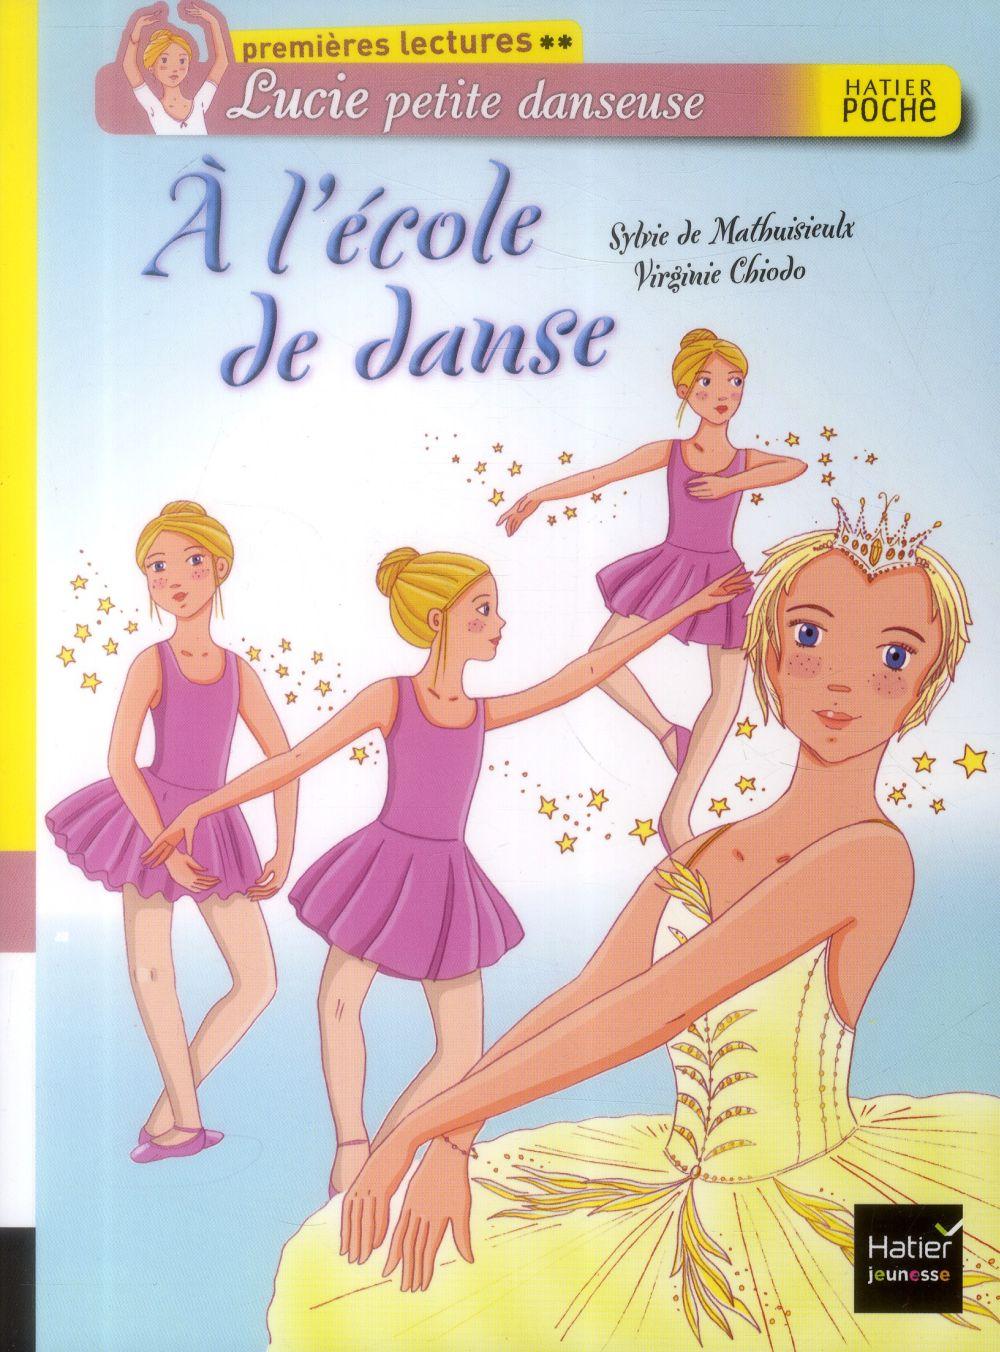 Lucie petite danseuse ; à l'école de danse